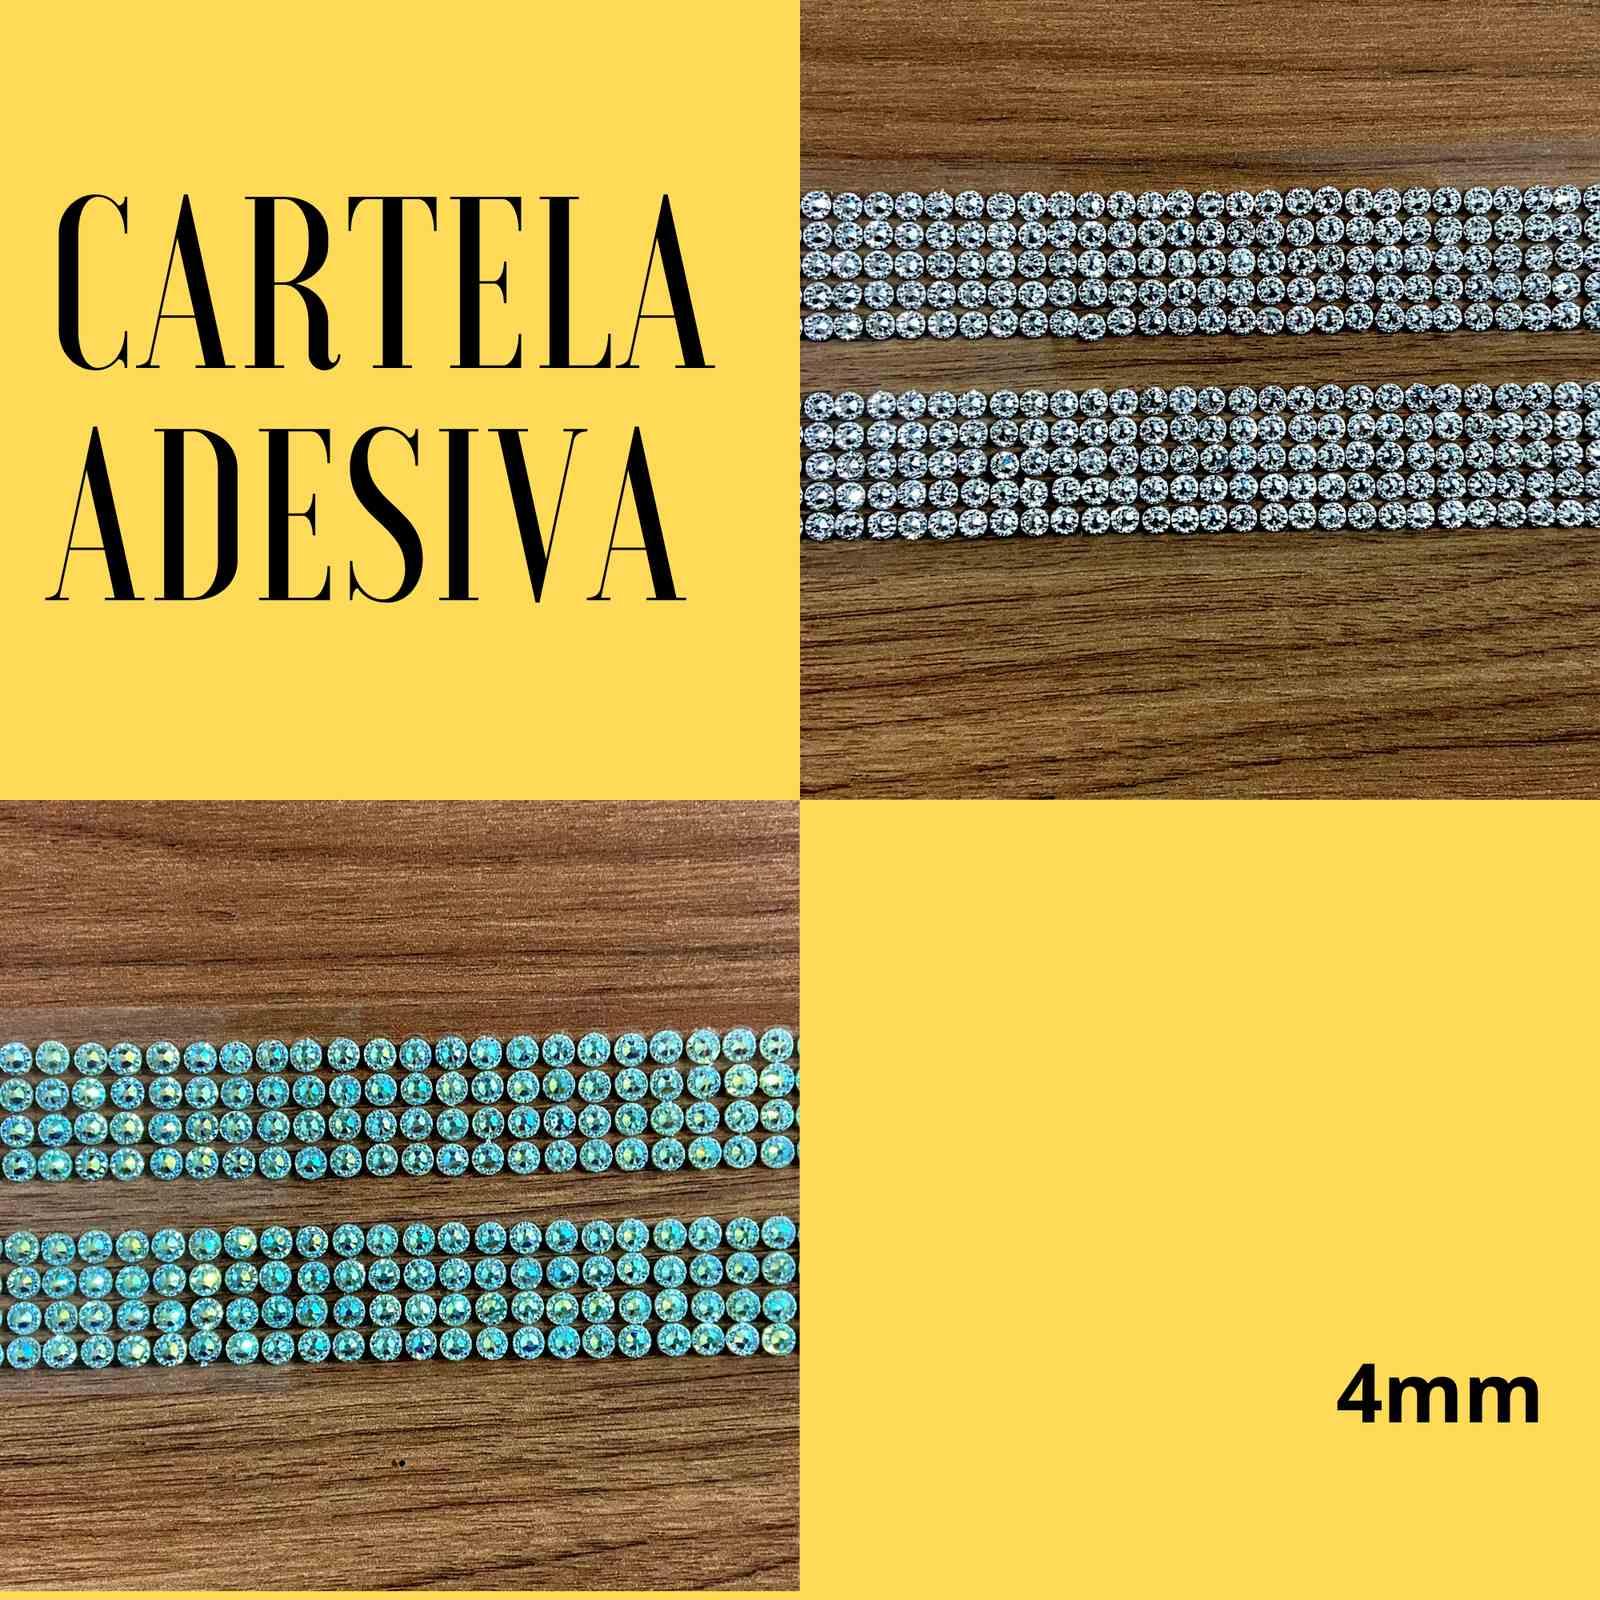 Cartela Adesiva Brilhante 5mm 1Cartela c/310 unidades